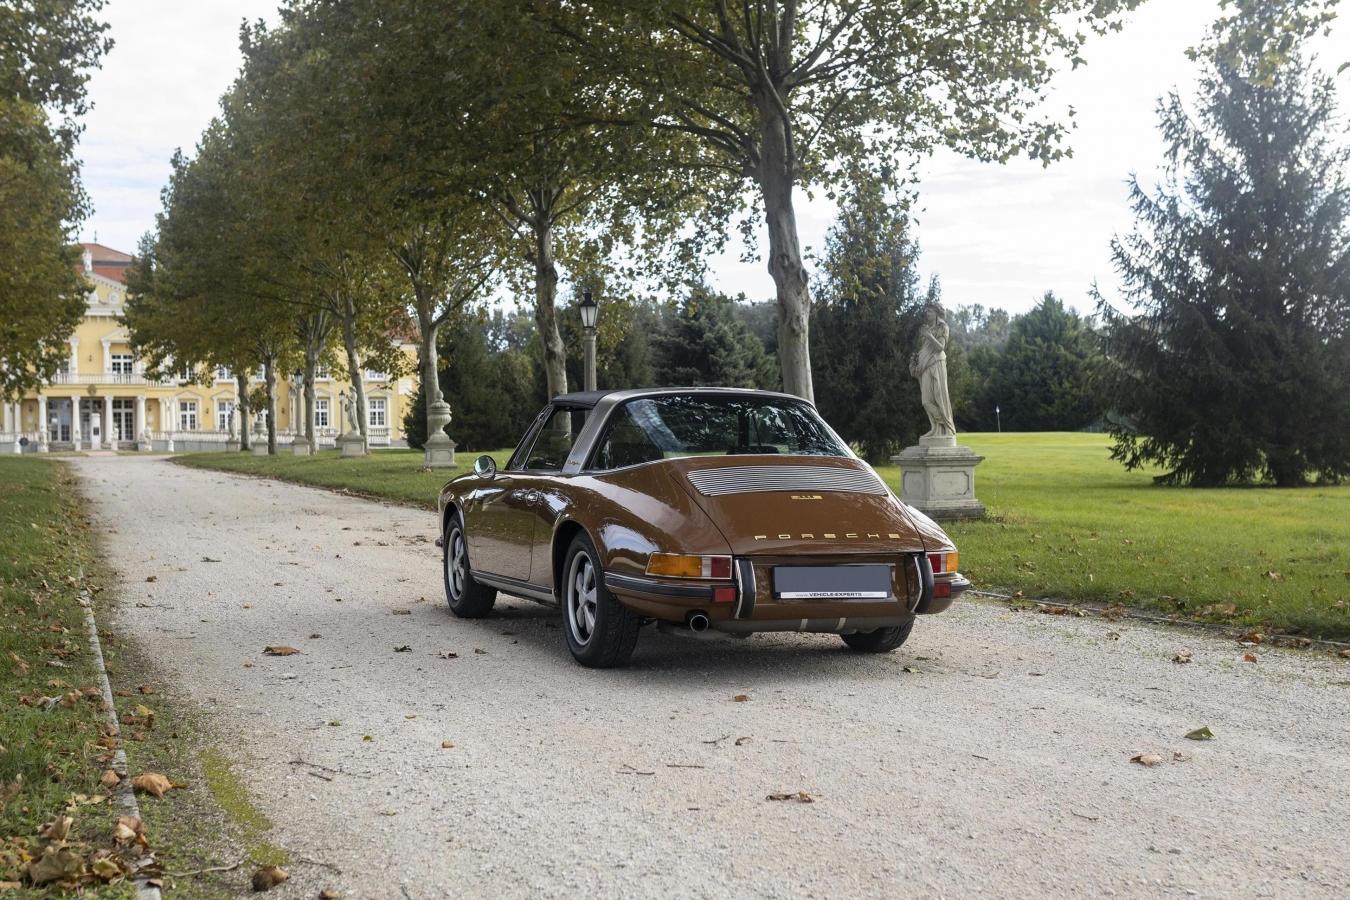 Sepiabraun Porsche 911 aus 9